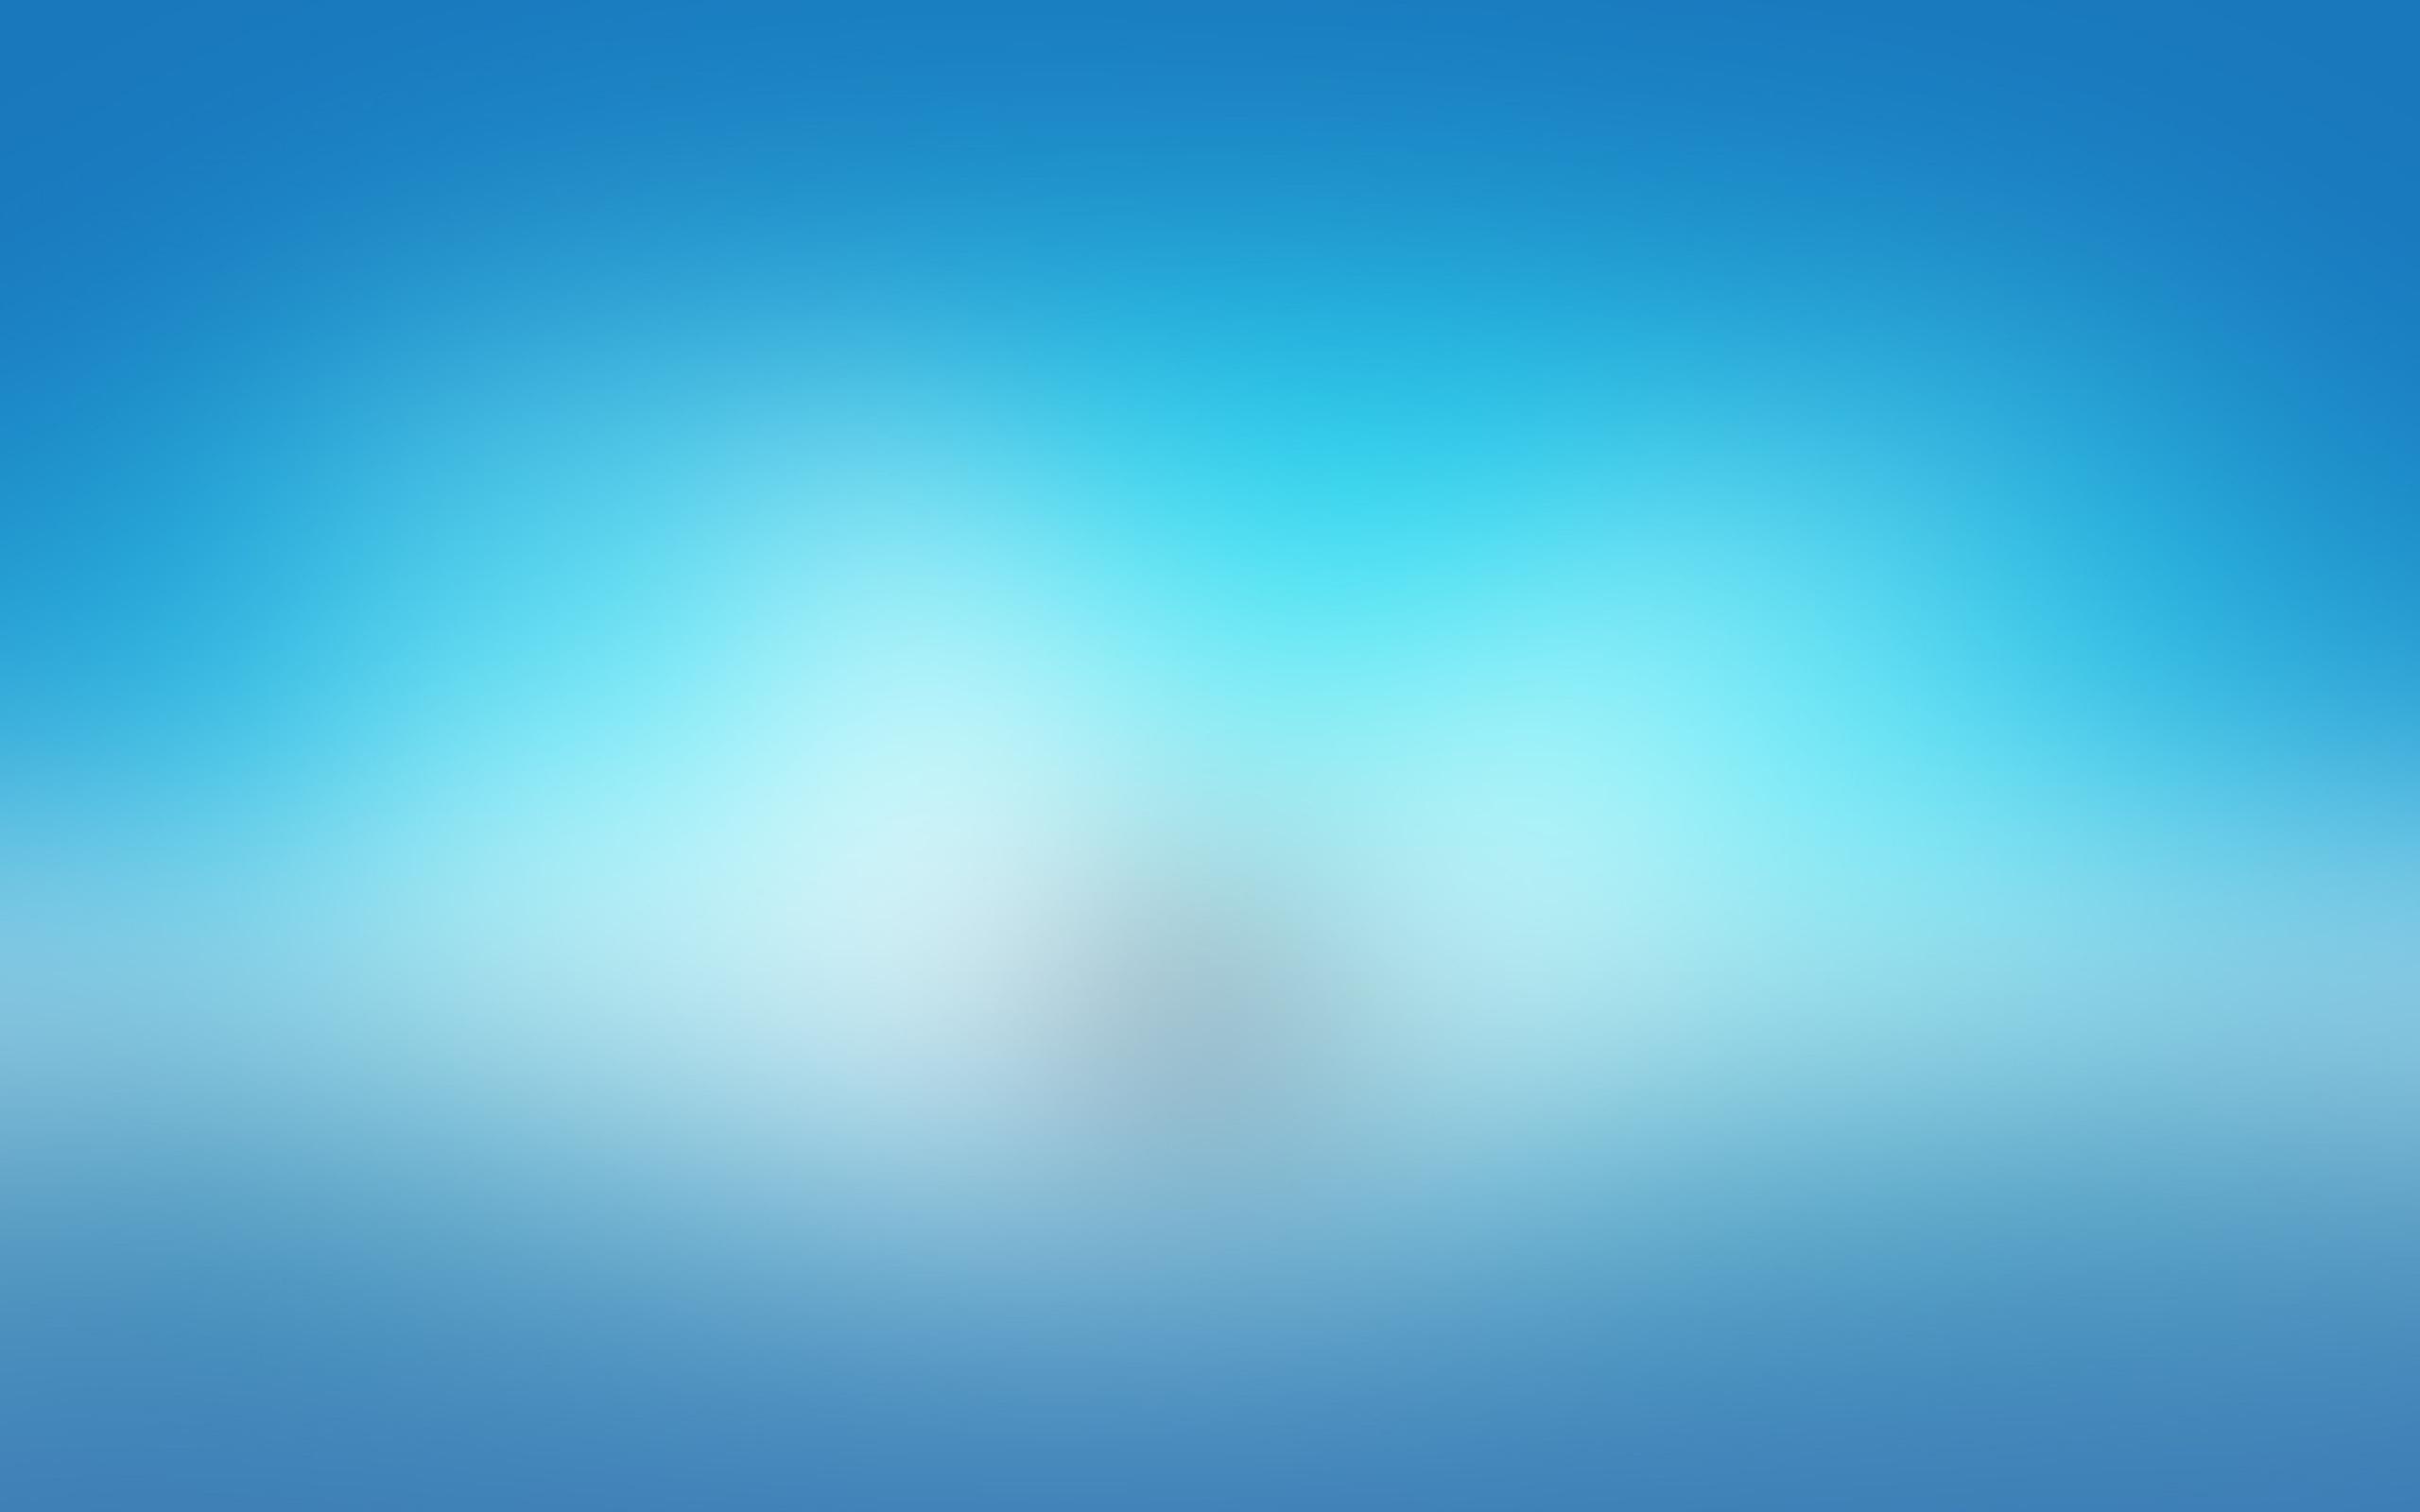 2560x1440 Wallpaper Hd 13 Blur Hd Wallpapers Backgrounds Wallpaper Abyss